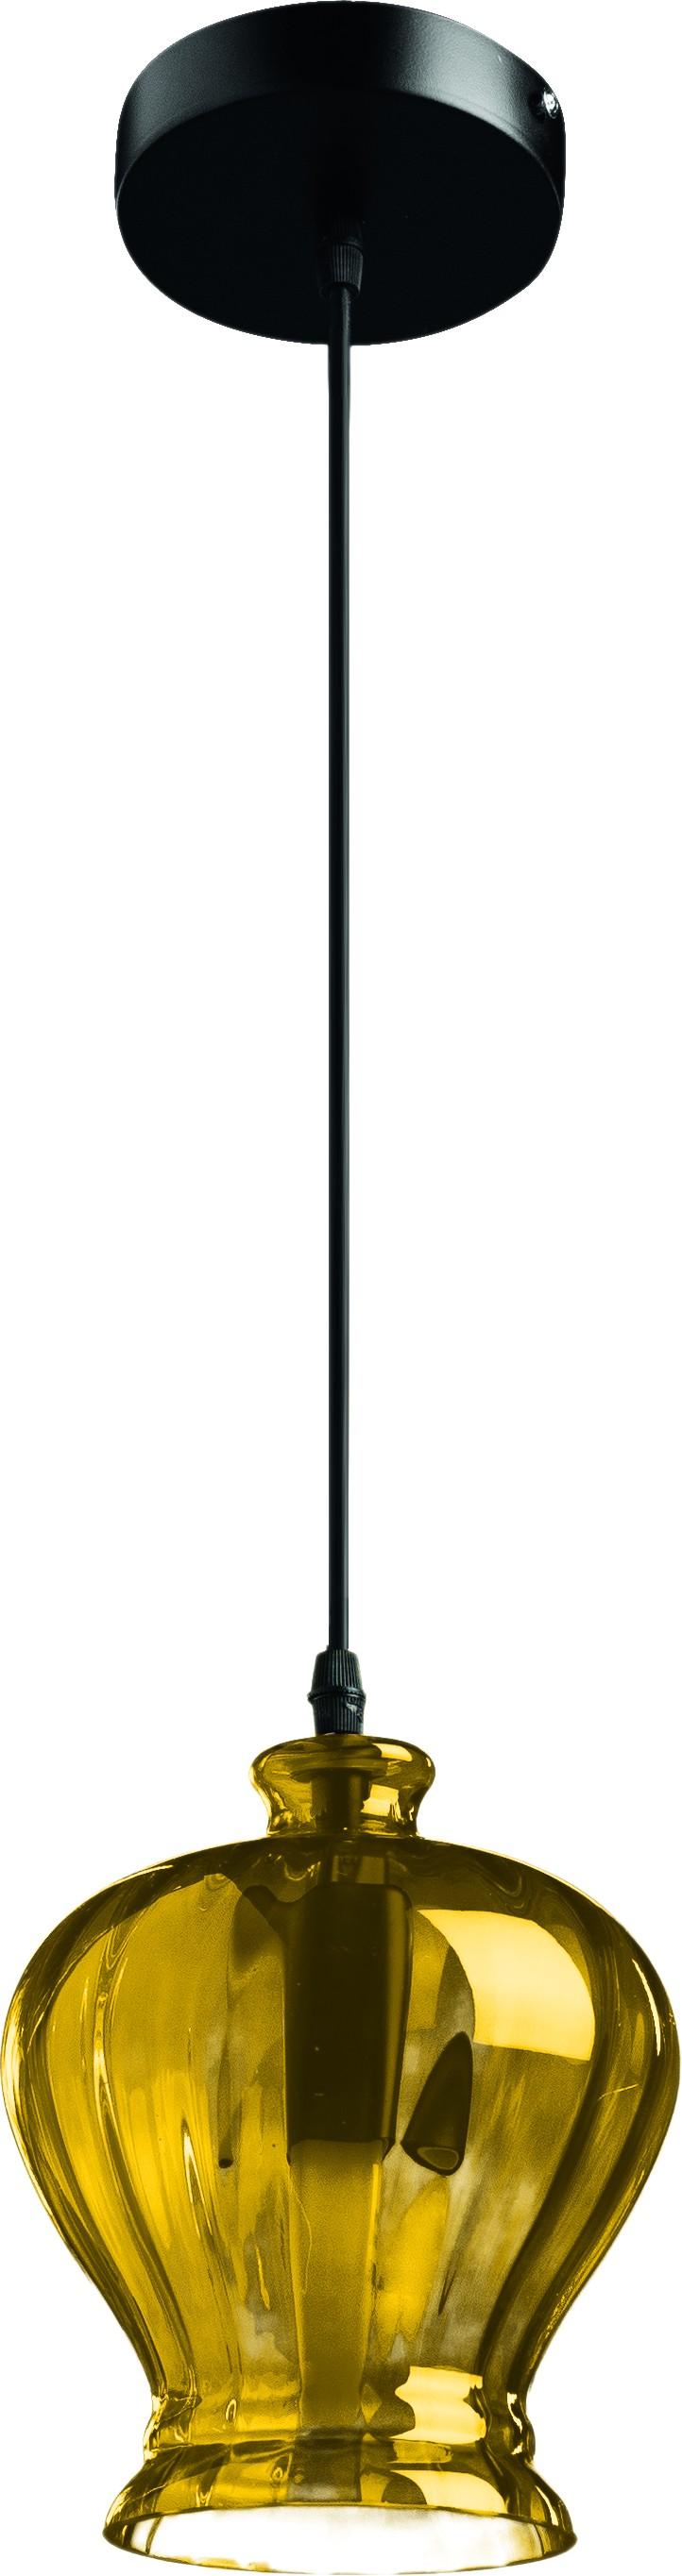 Светильник подвесной Arte lamp A8127sp-1am arte lamp подвесной светильник arte lamp 25 a8127sp 1mg